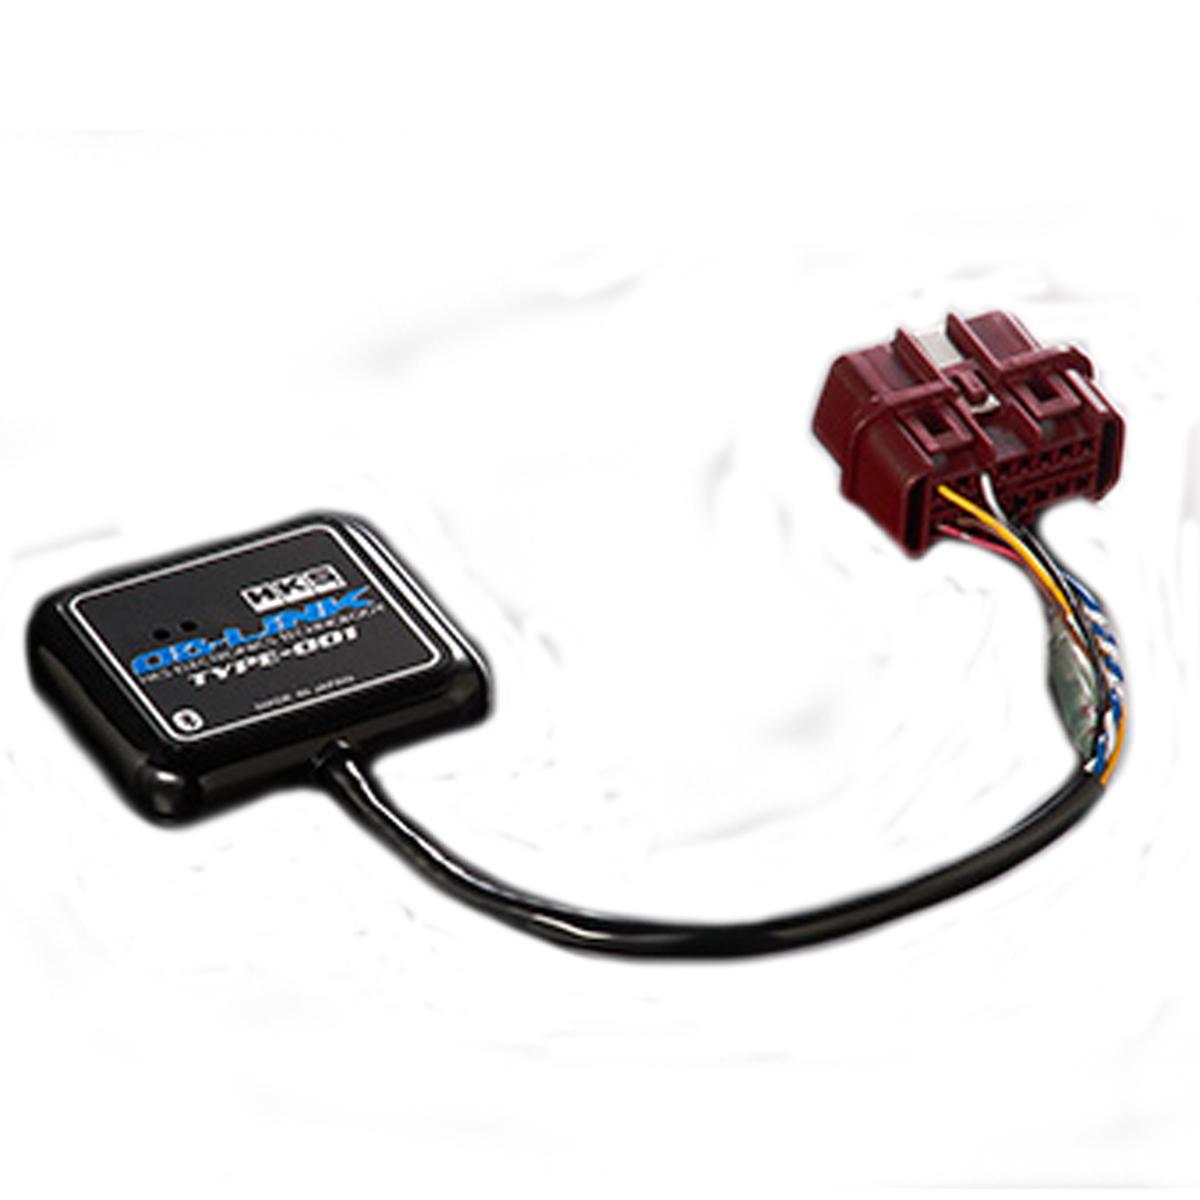 ハイエース モニター OBリンク タイプ 001 TC-TRH122K HKS 44009-AK002 エレクトリニクス